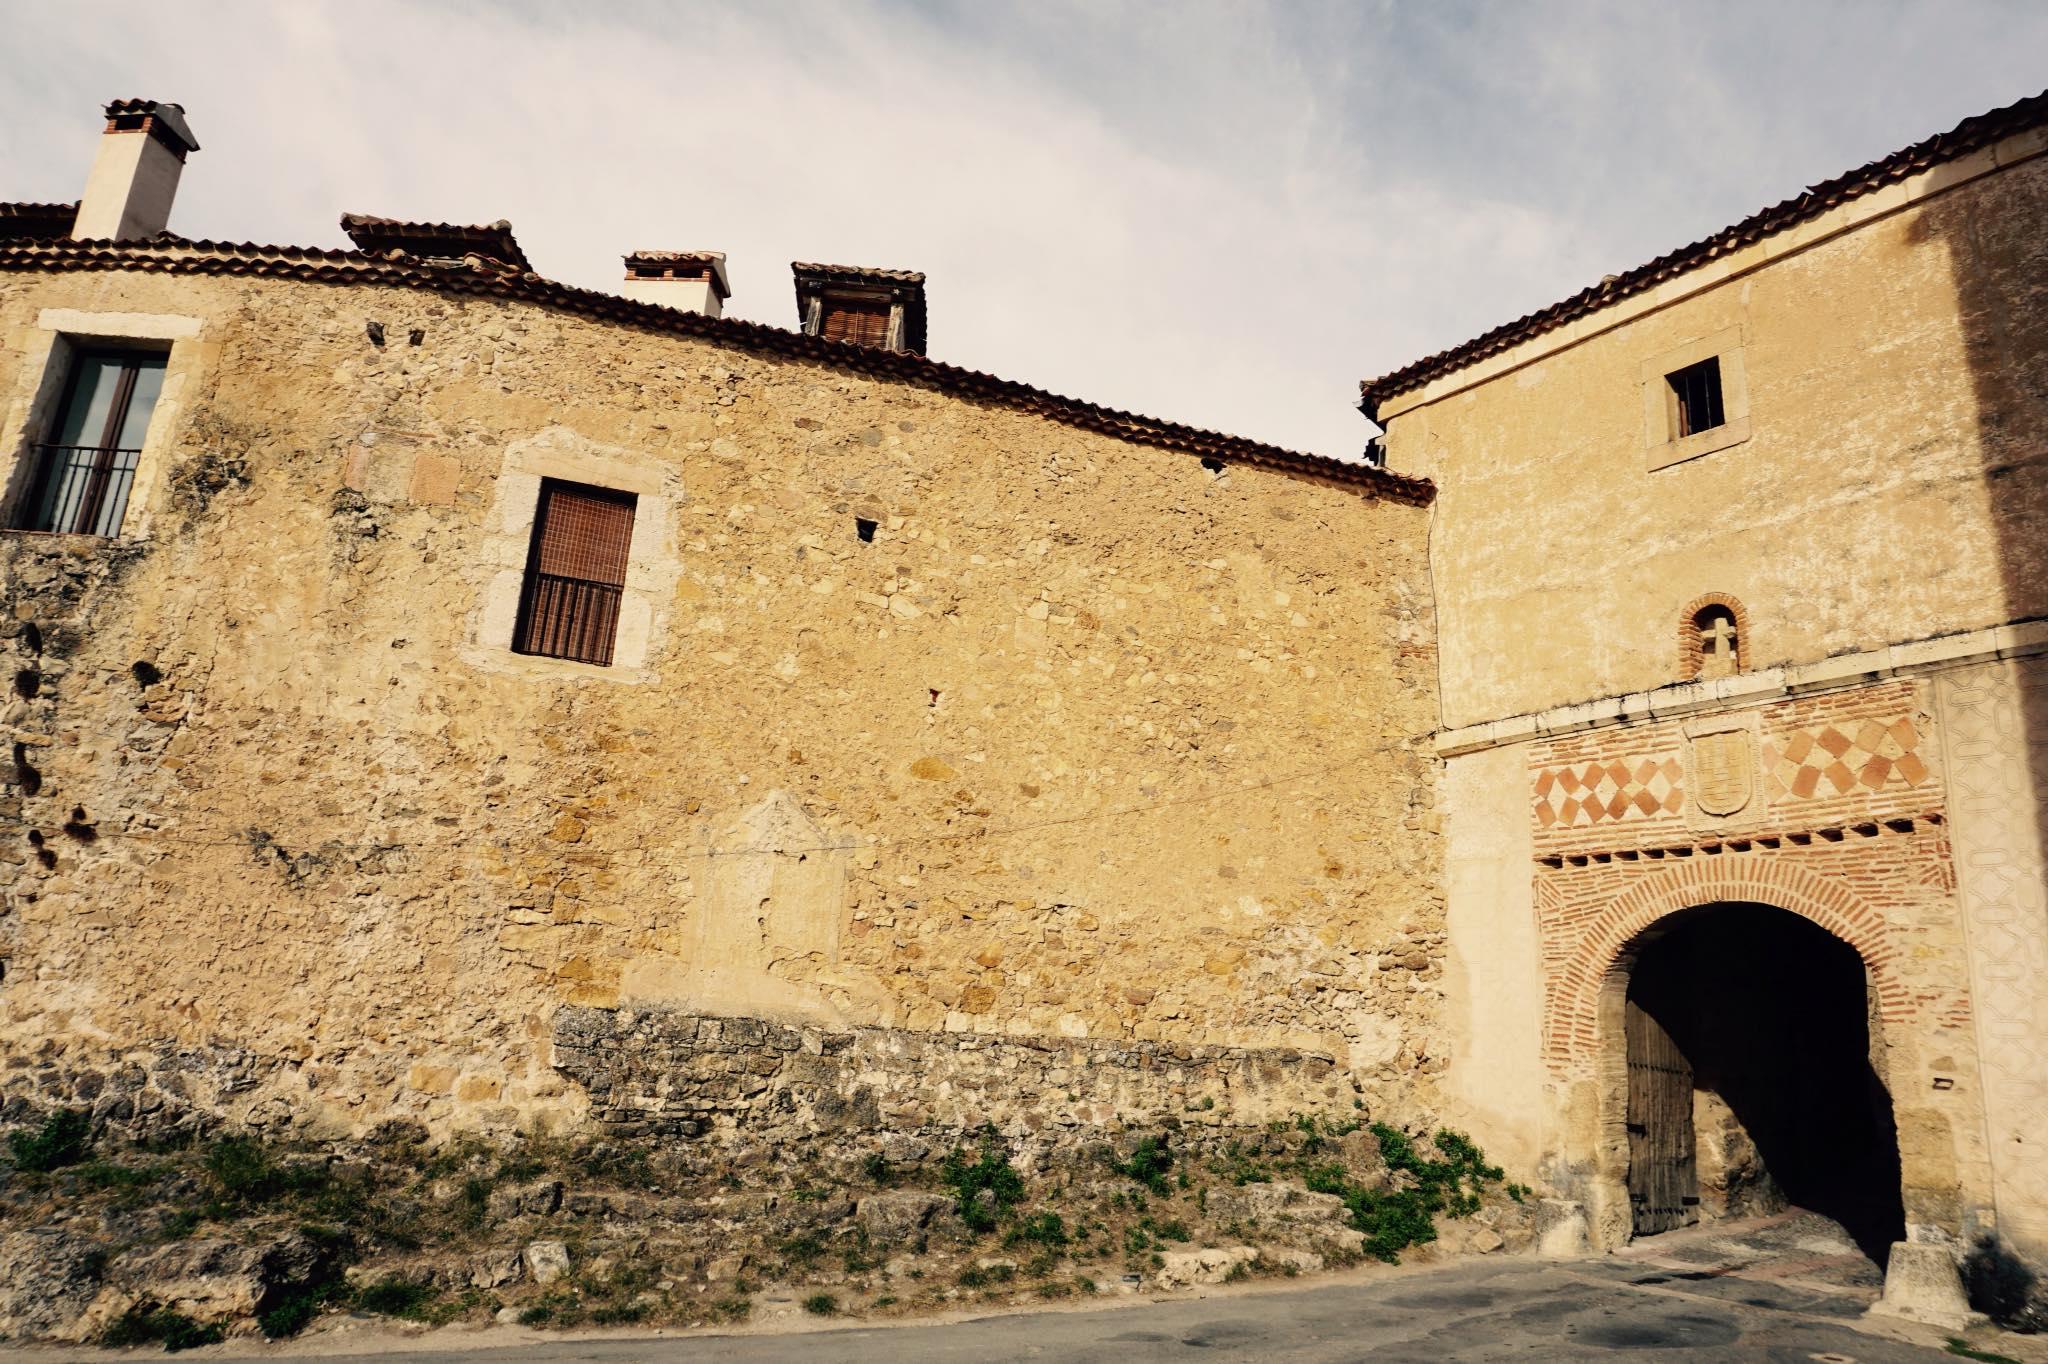 Puerta de la Villa_Viajando con el último bus